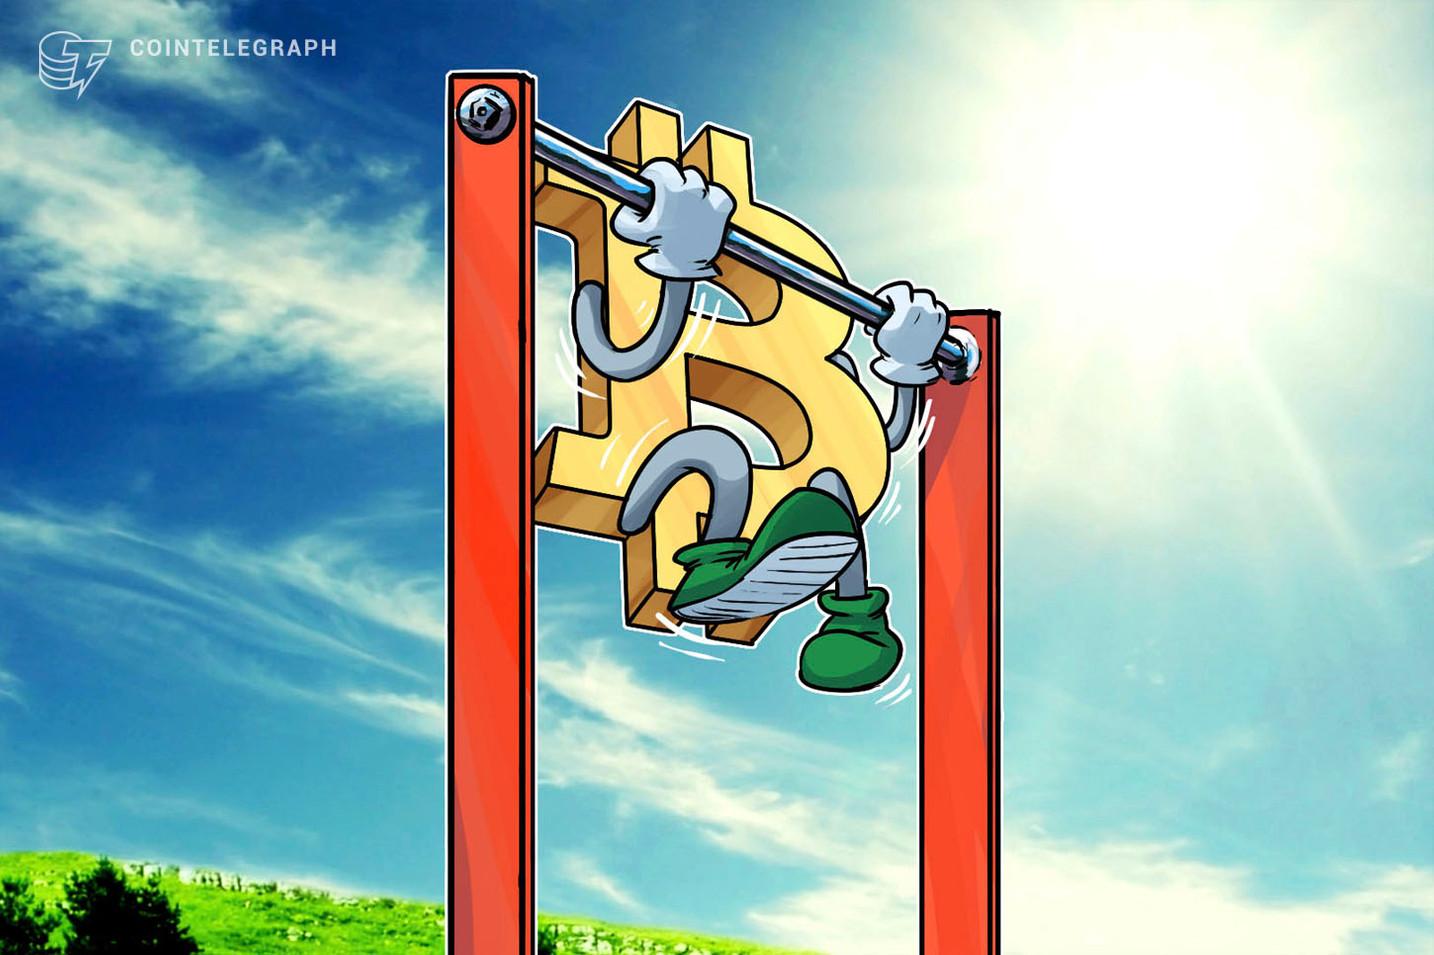 Der Bitcoin-Preis sucht ein höheres Tief, da der Händler innerhalb von Wochen einen Ausbruch von 45 USD prognostiziert